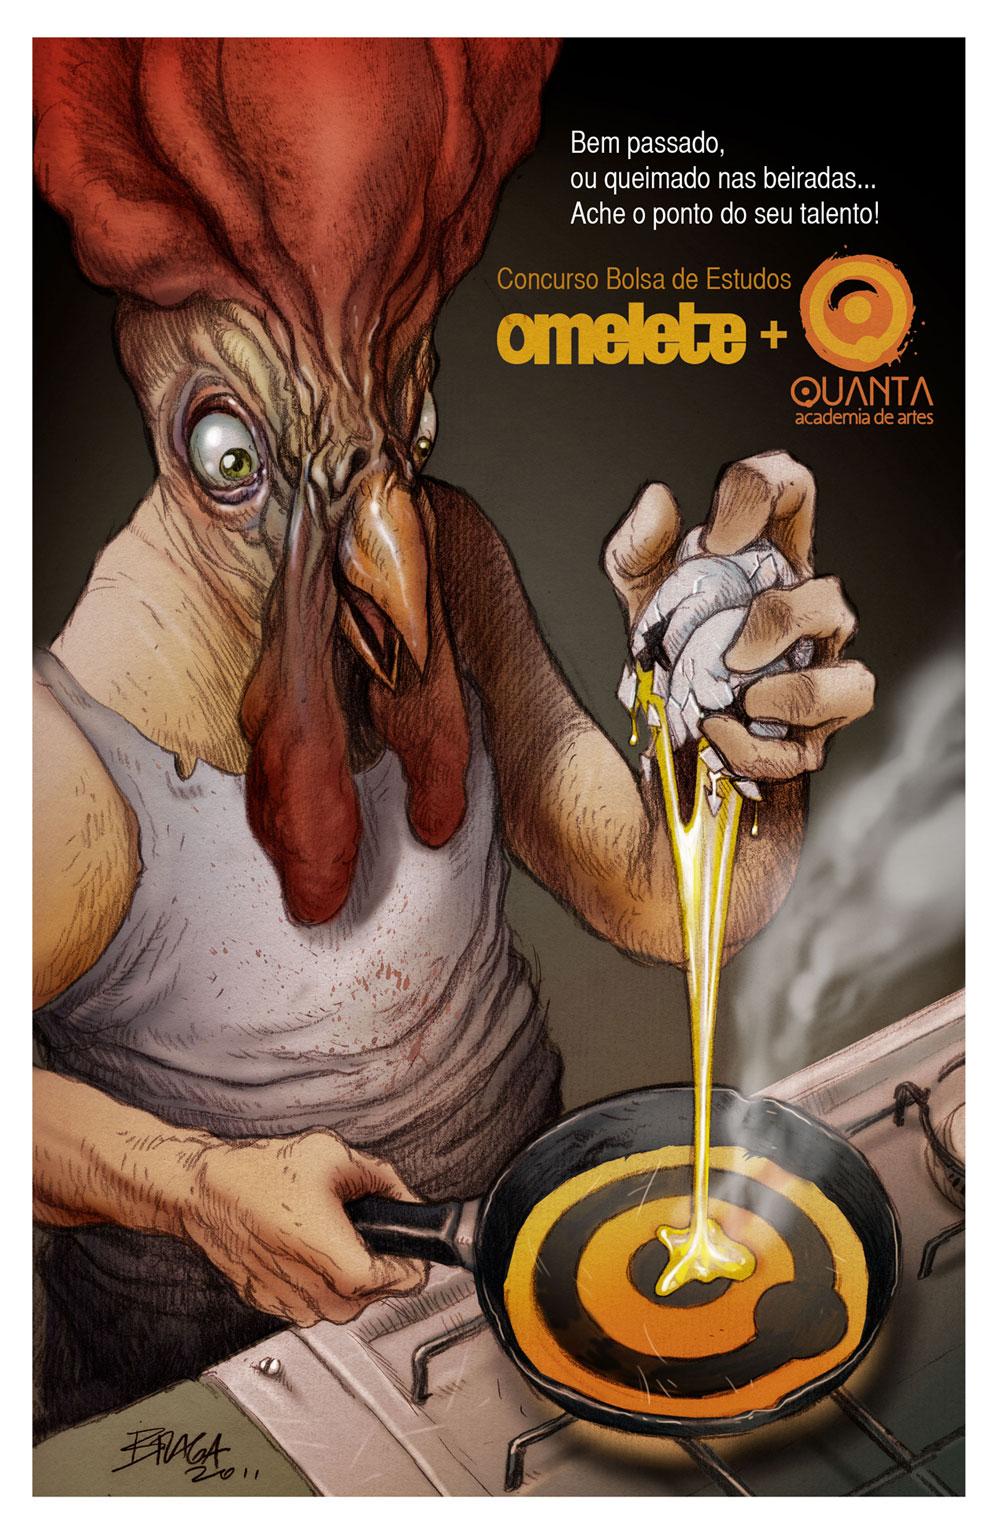 quanta-omelete-bolsa-01